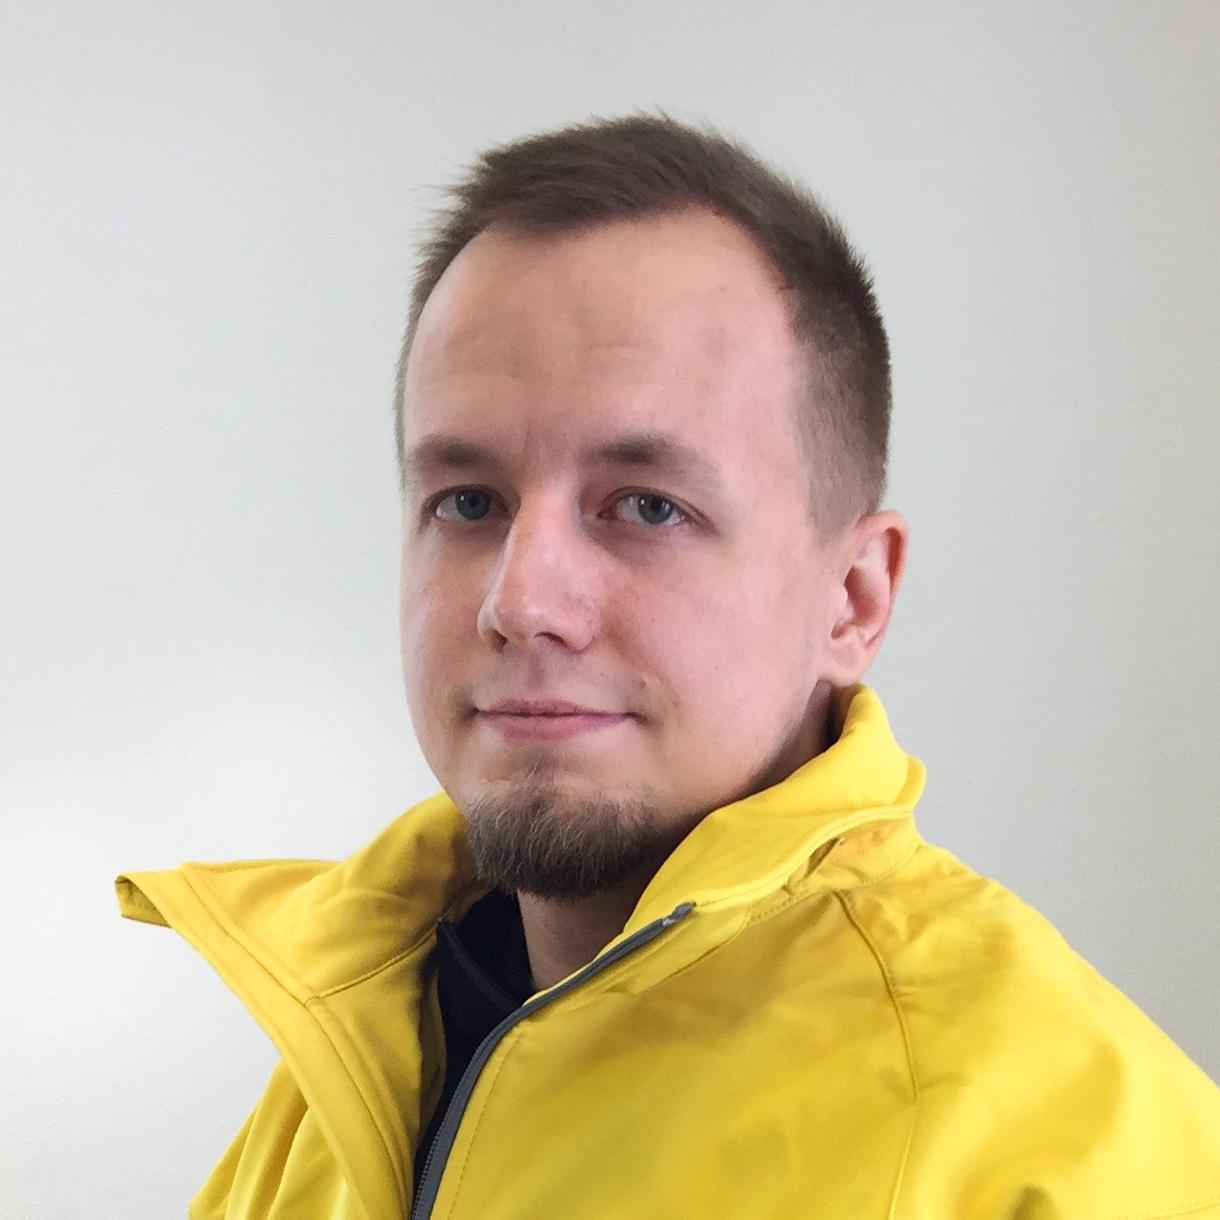 Paavo Uusitalo aurinkoenergian ammattilainen